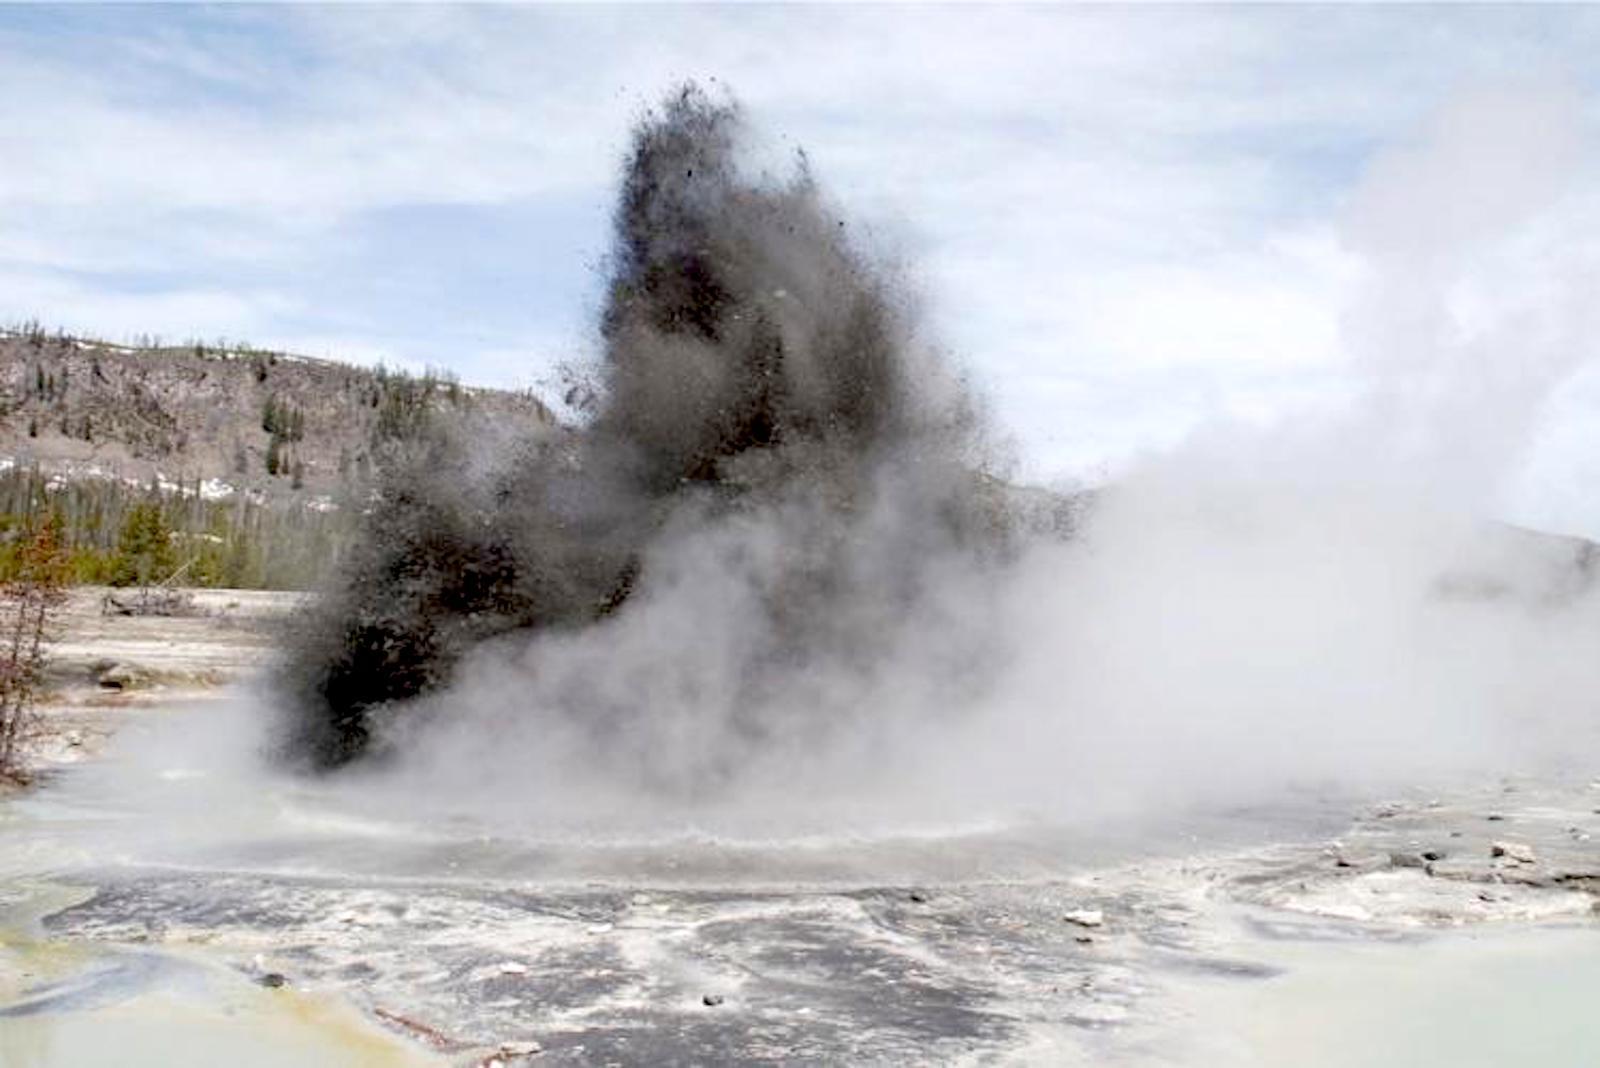 Hydrothermale Explosion im Biscuit-Becken im Yellowstone-Nationalpark. Riesige Mengen heißen Wassers und Gestein platzen heraus.